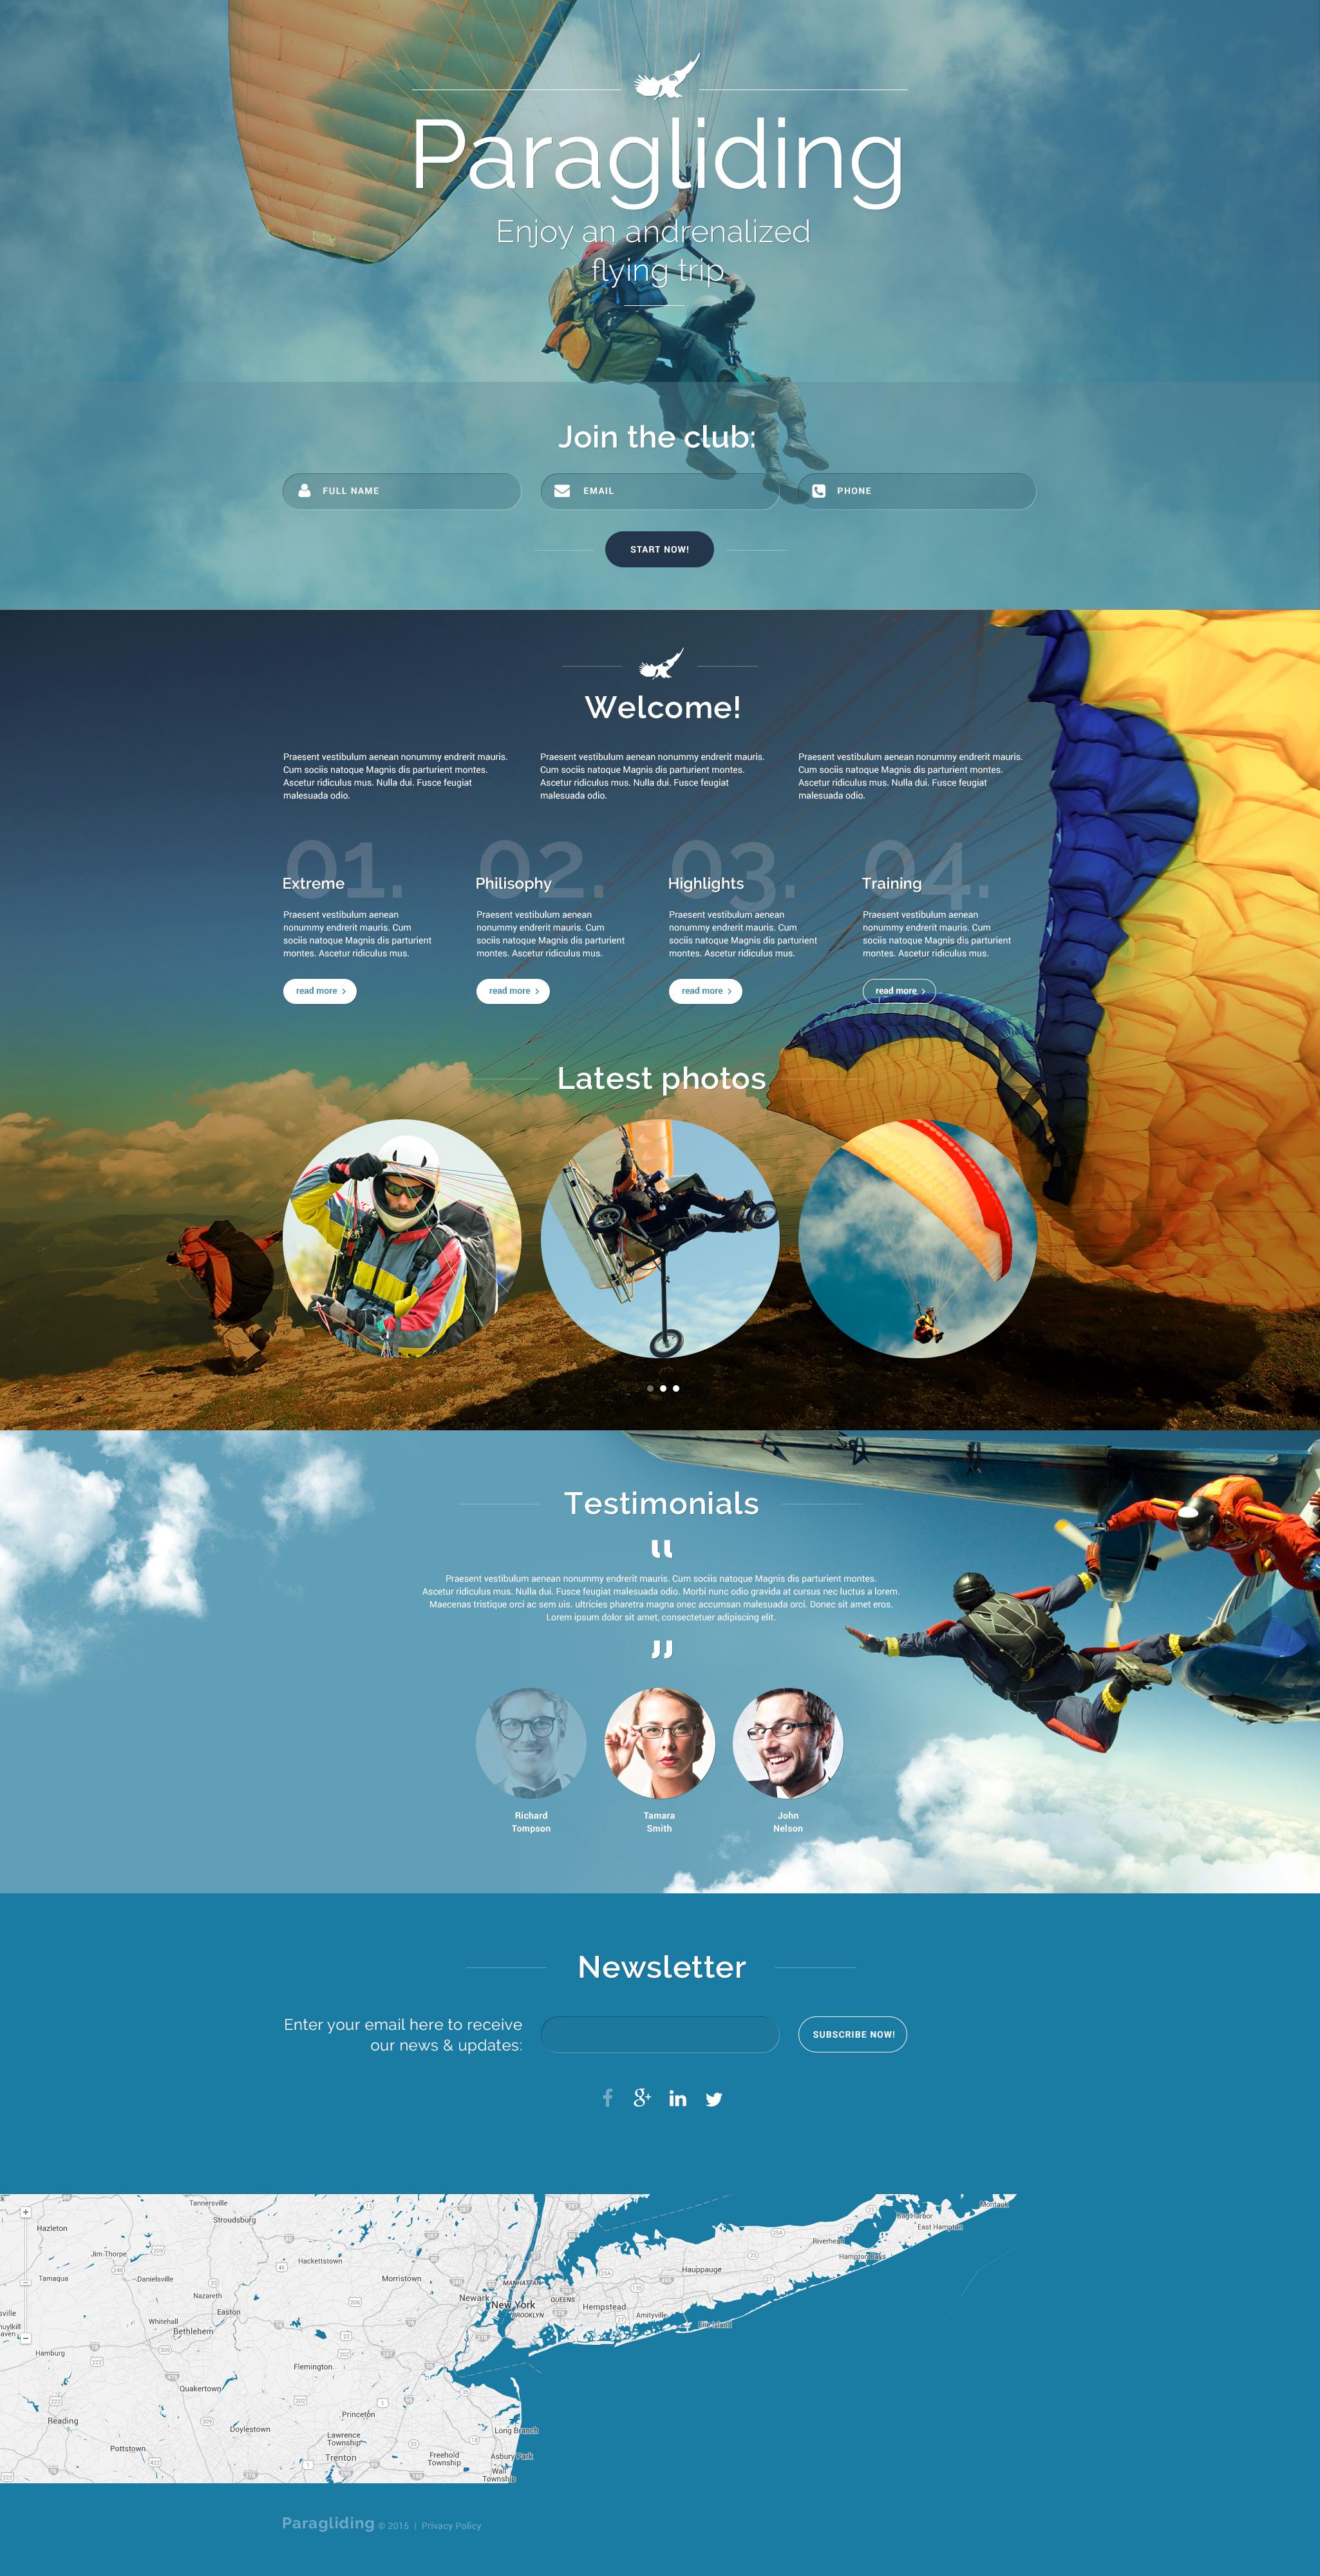 Responzivní Šablona mikrostránek na téma Šablony Paragliding #55433 - screenshot